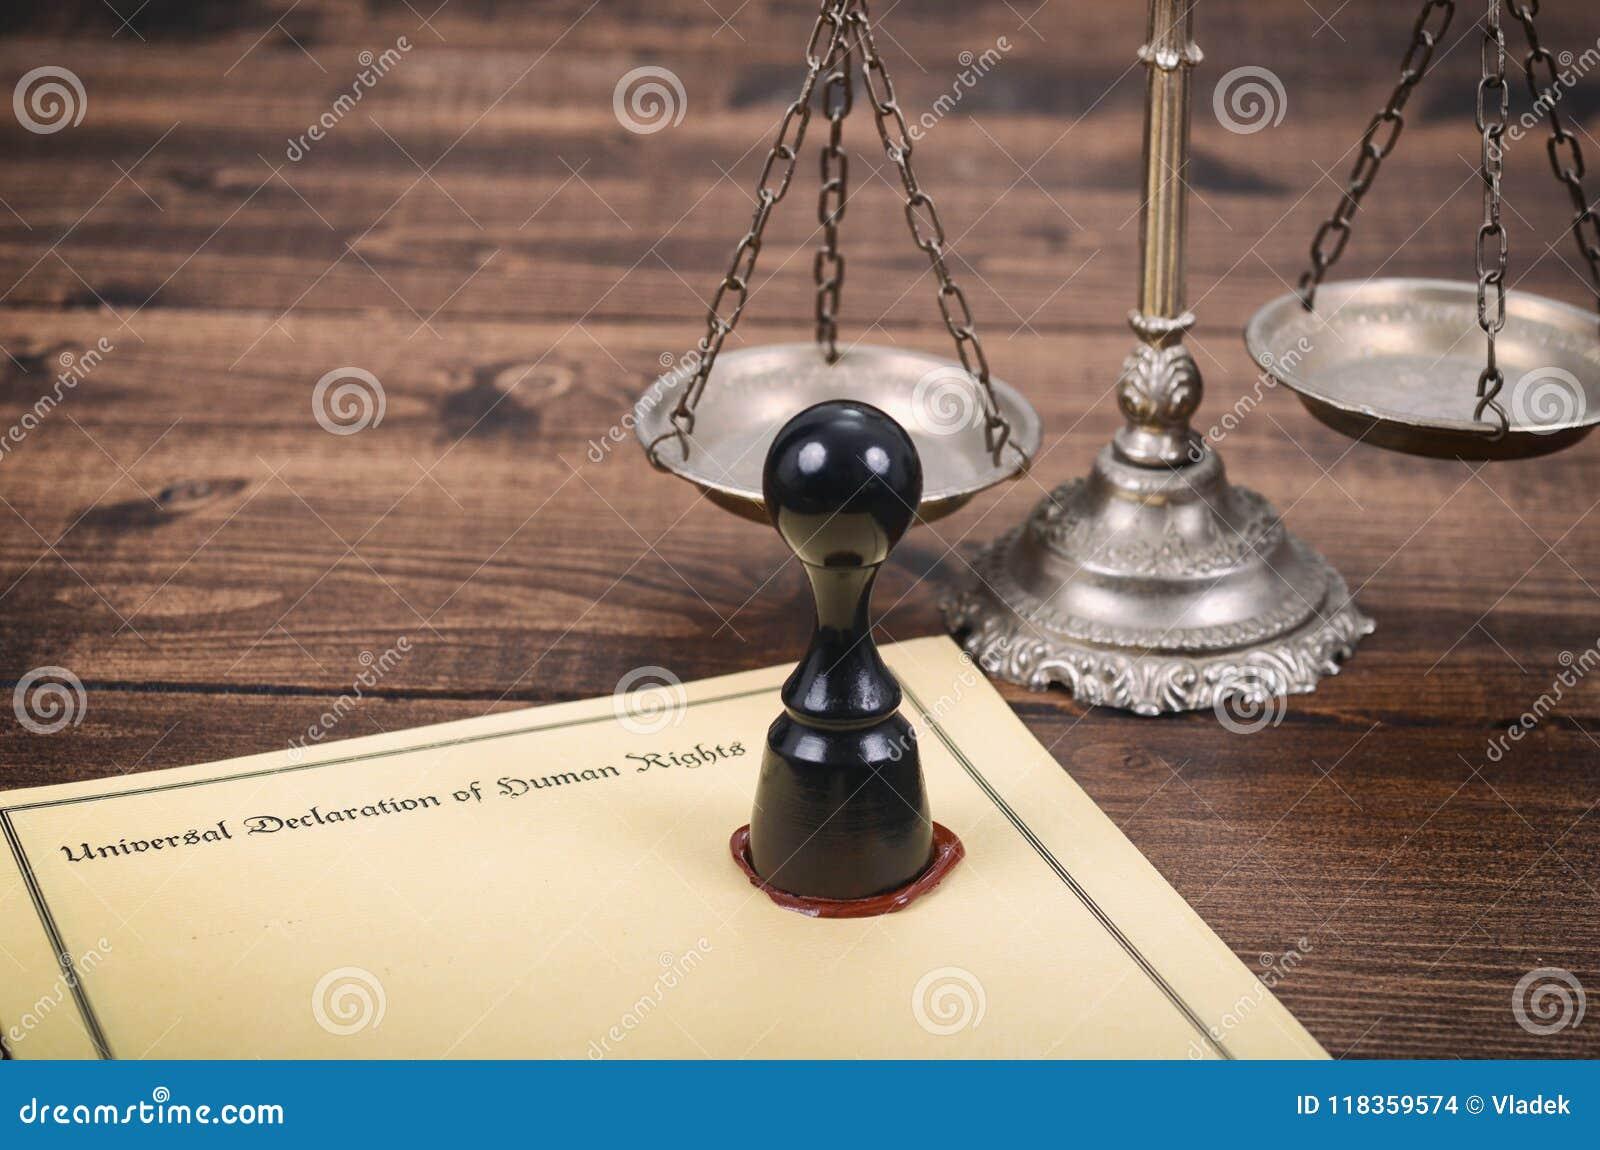 Declaração universal de direitos humanos, escalas de justiça e selo de notário